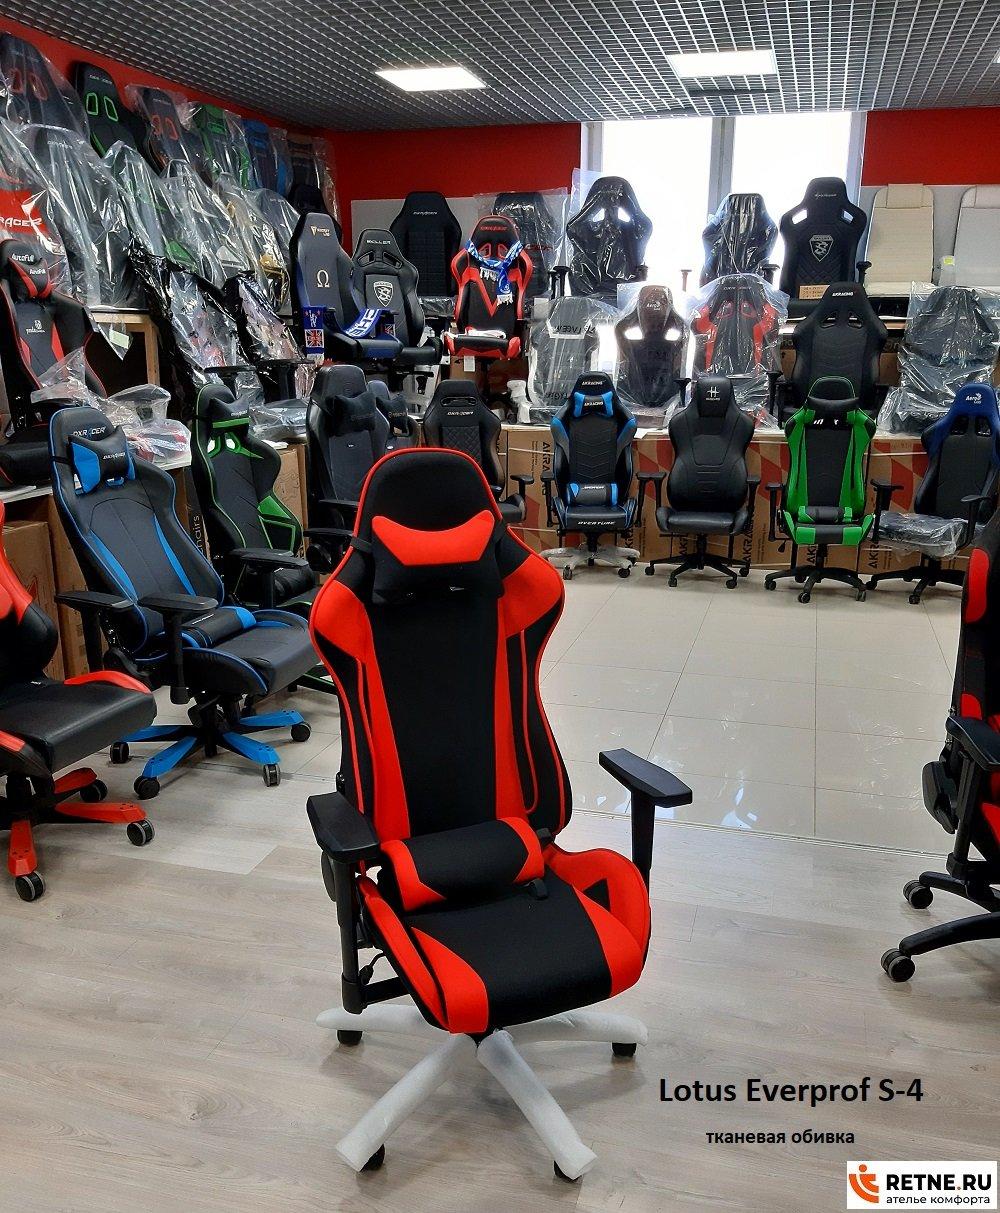 Кресло игровое Lotus Everprof S4 ткань